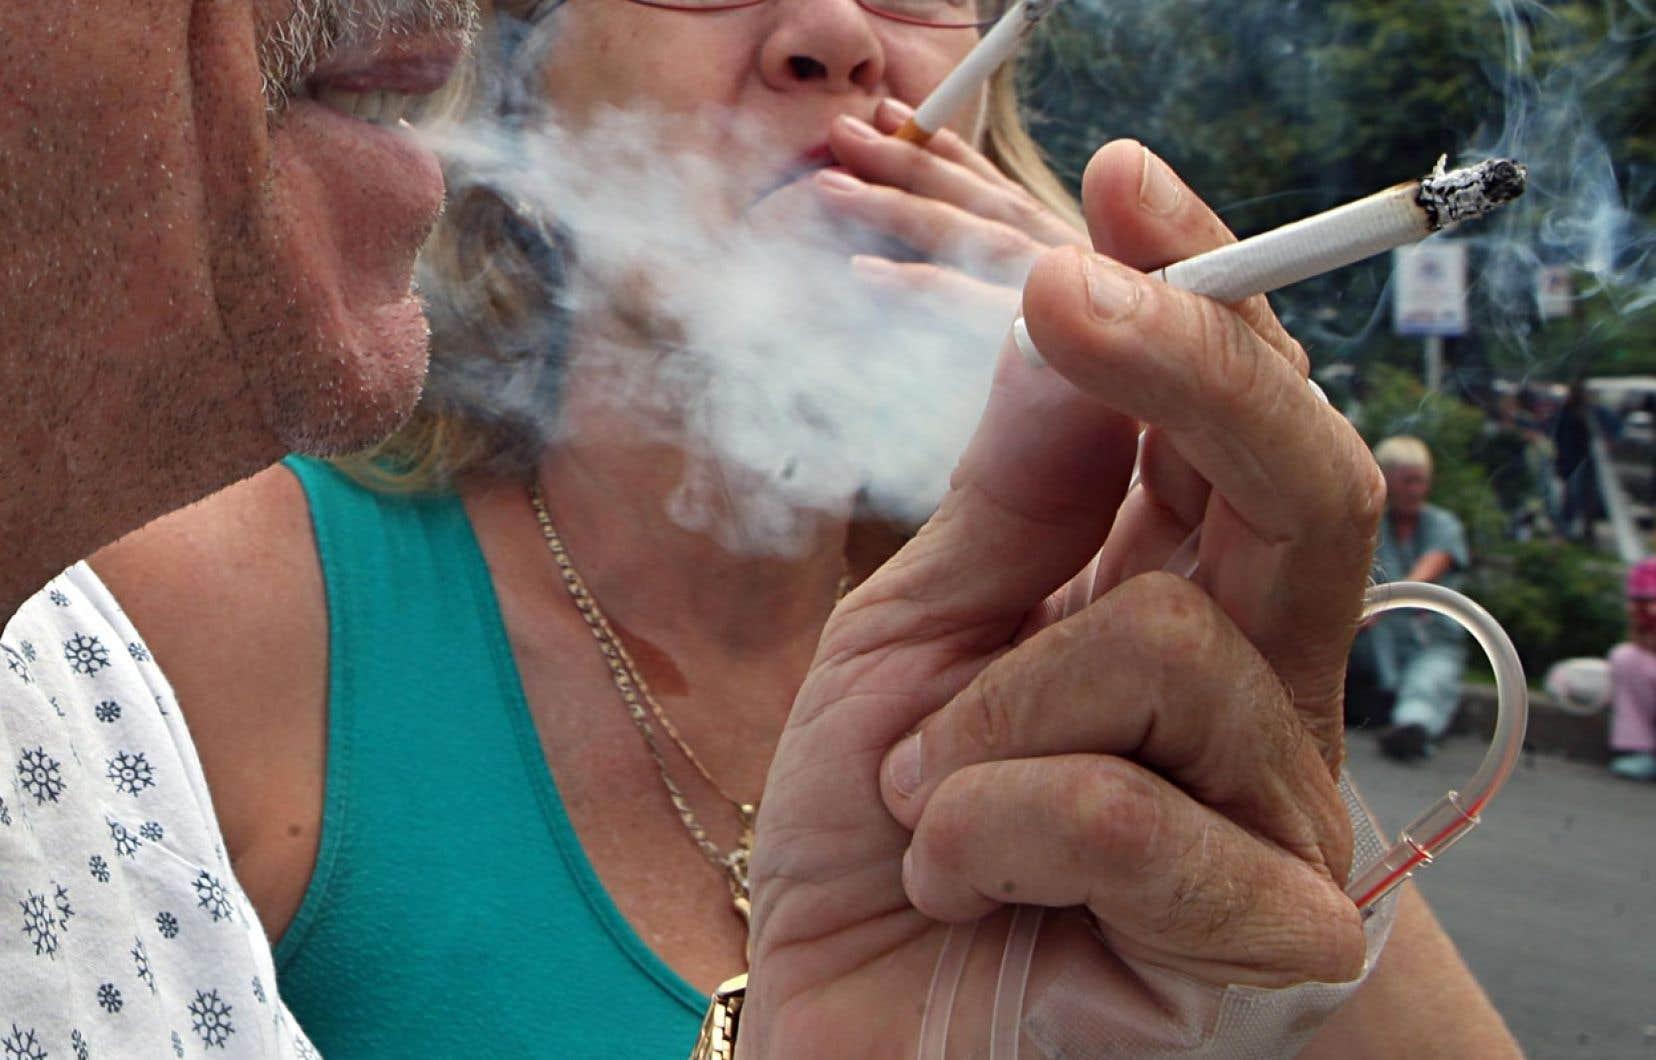 « Pendant que l'industrie a trouvé comment contourner notre loi devenue désuète, les taux de tabagisme ont cessé de baisser », déplore la Dre Mylène Drouin, responsable de la priorité-tabac au Directeur de santé publique de Montréal (DSP).